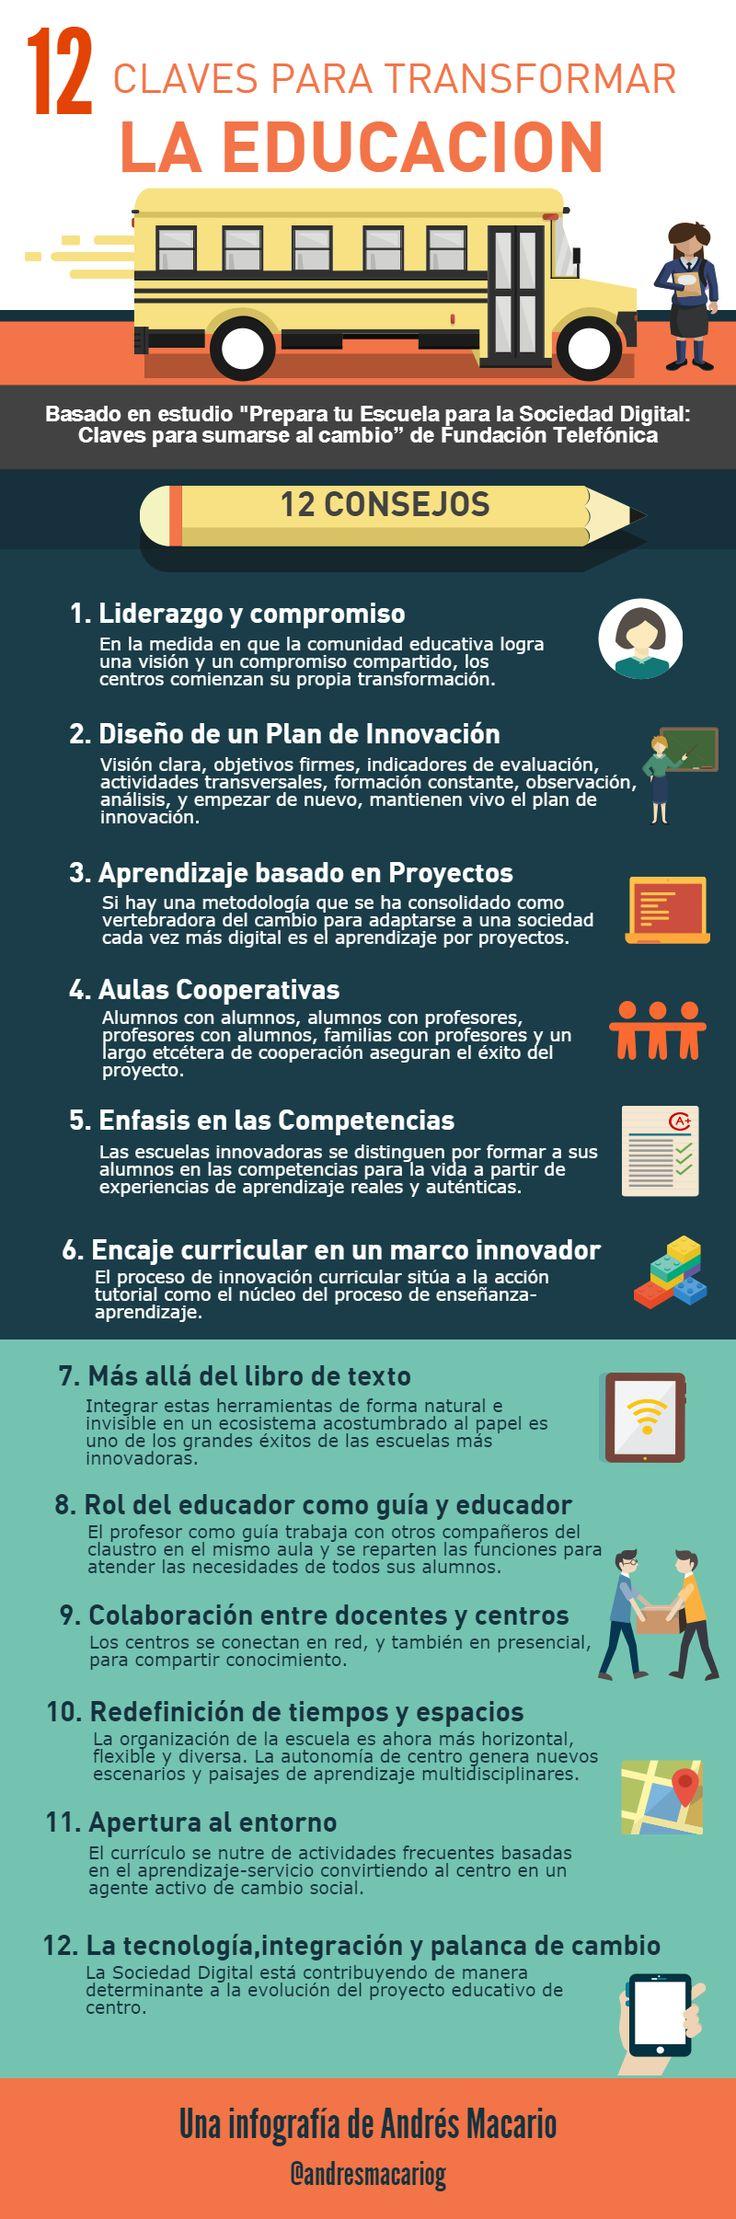 12 claves para transformar la educación #infografia